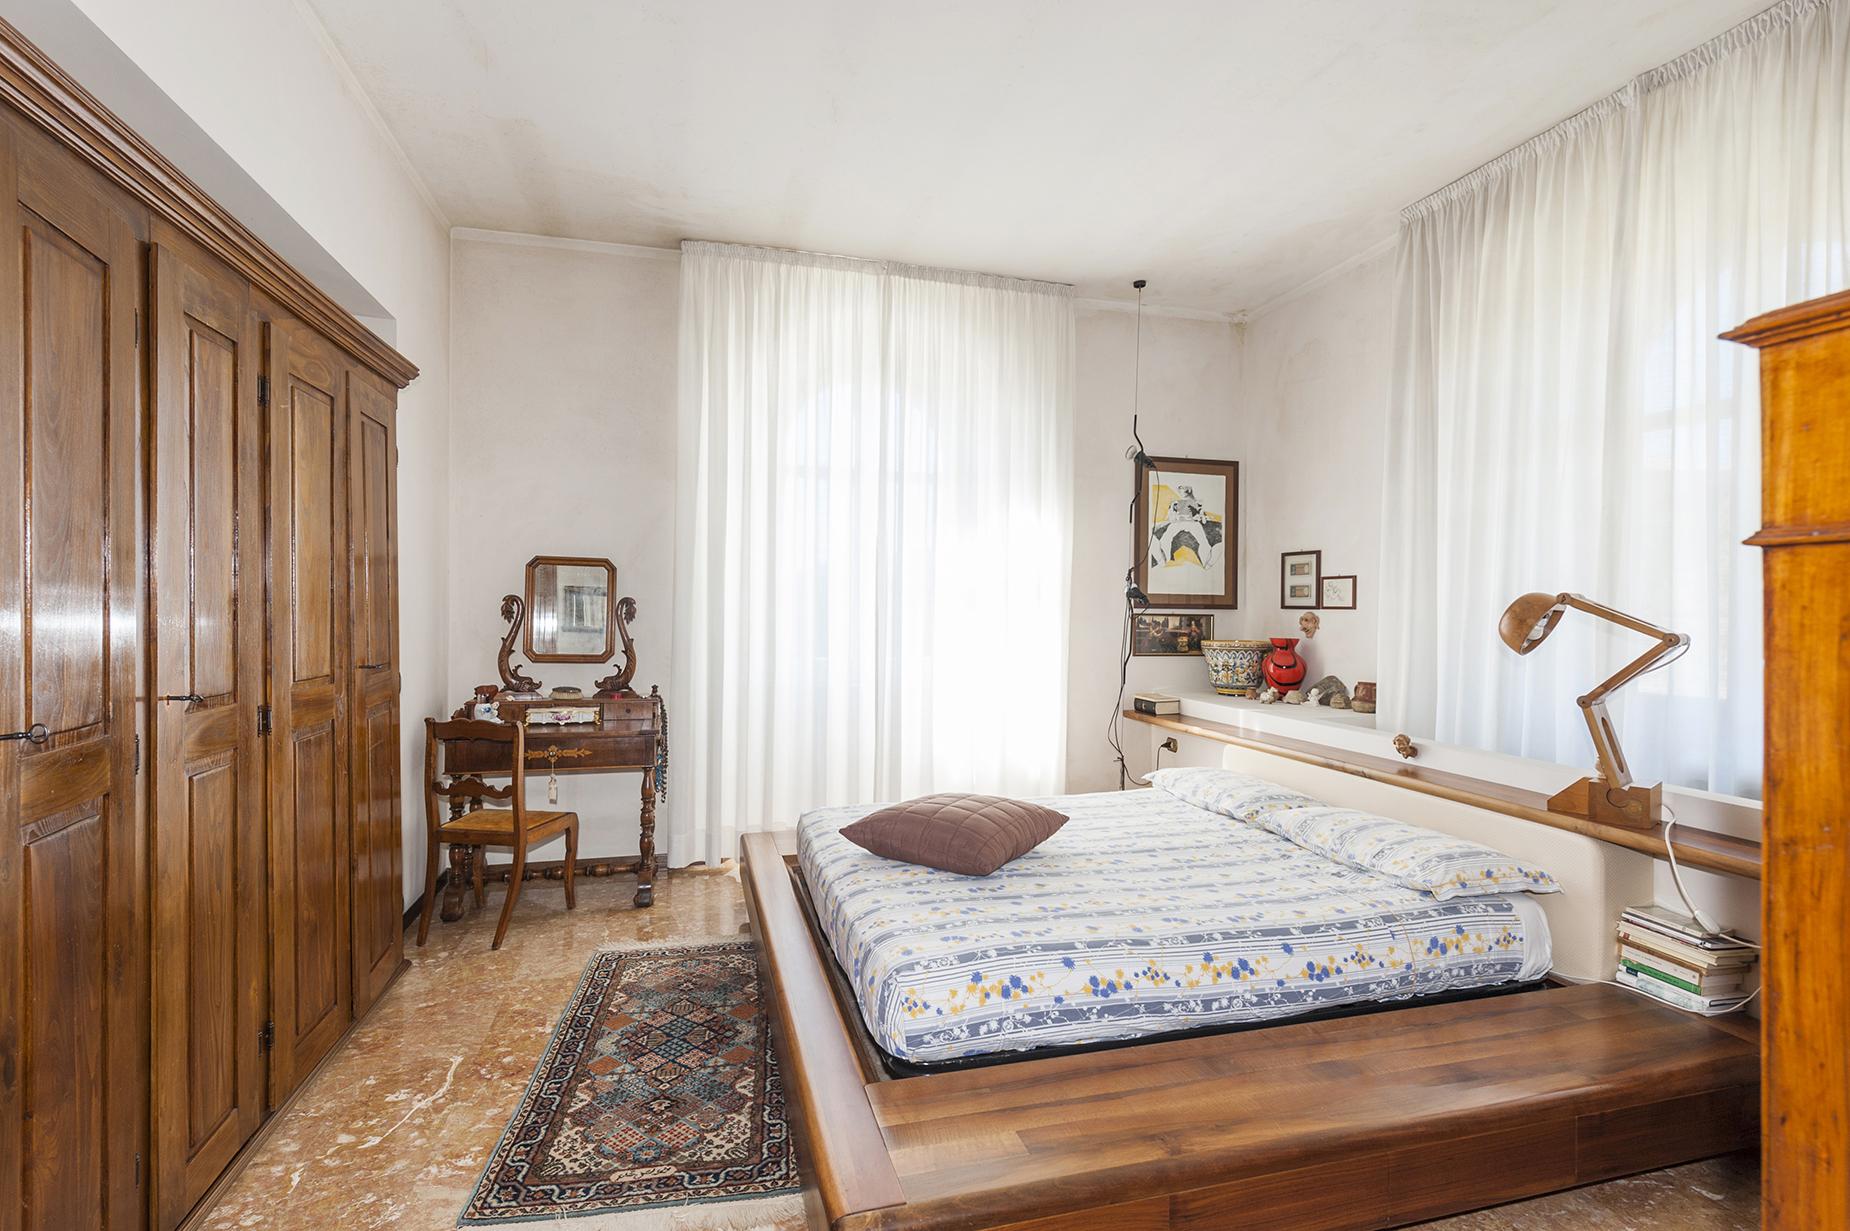 Casa indipendente in Vendita a Sorano: 5 locali, 230 mq - Foto 21